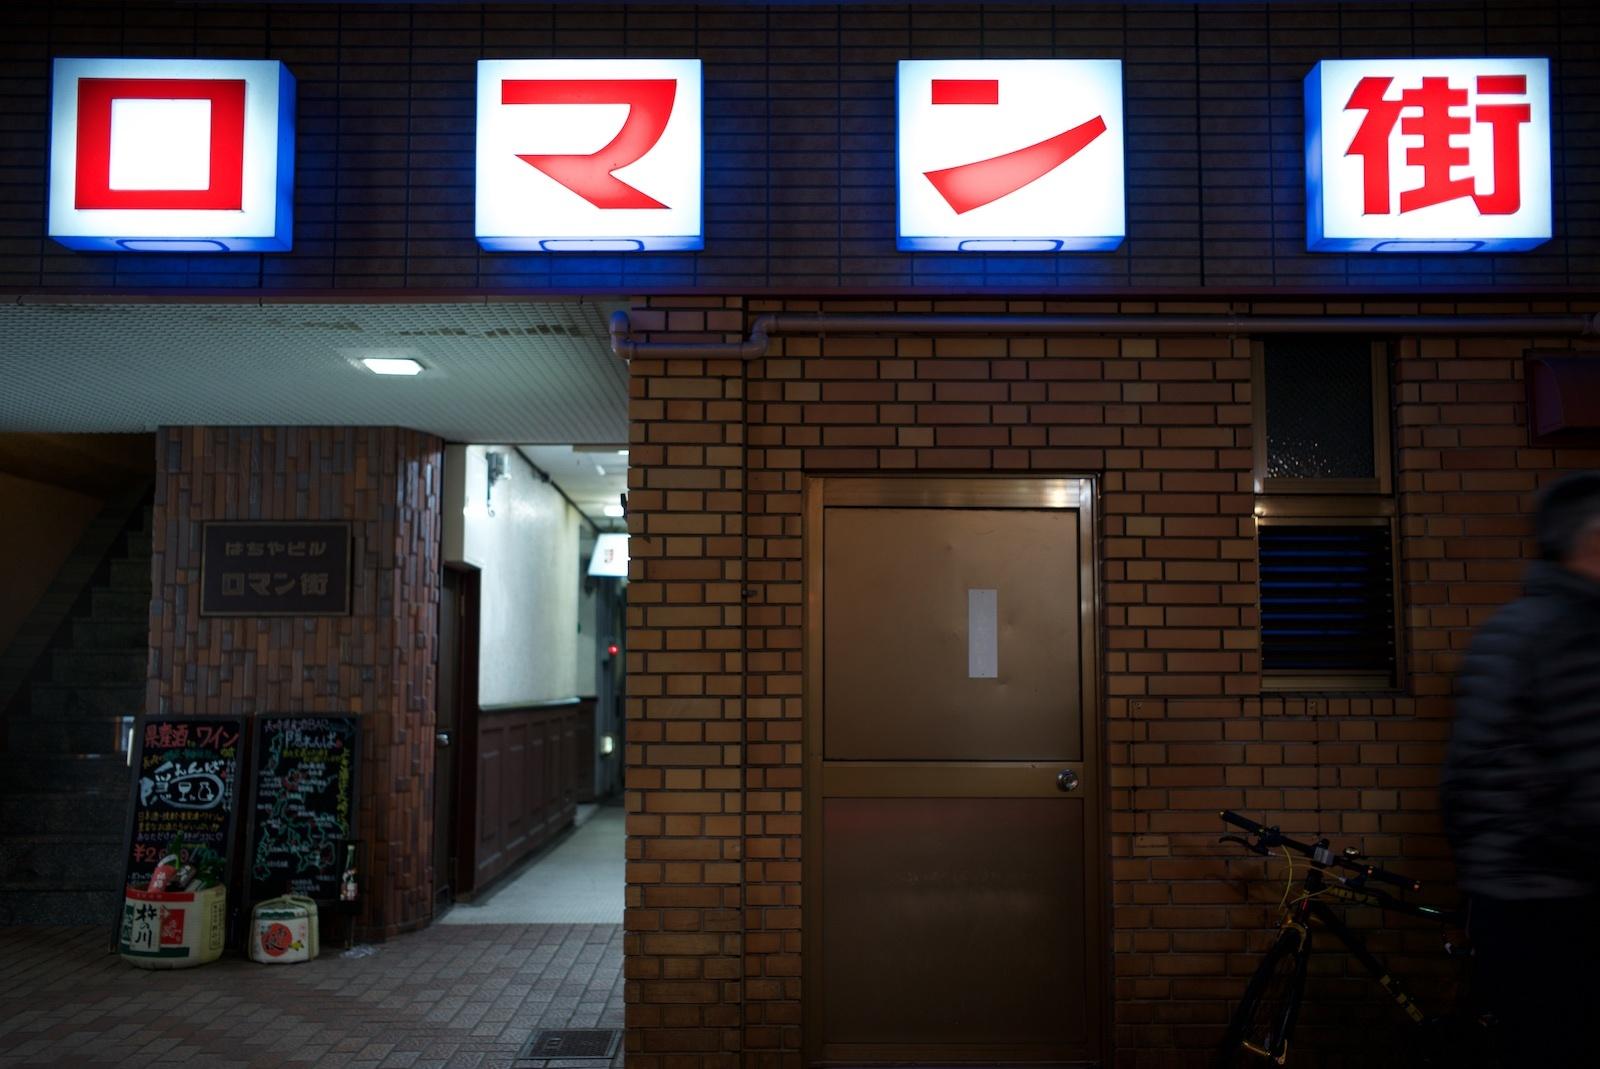 ロマン街_f0231512_20075885.jpg